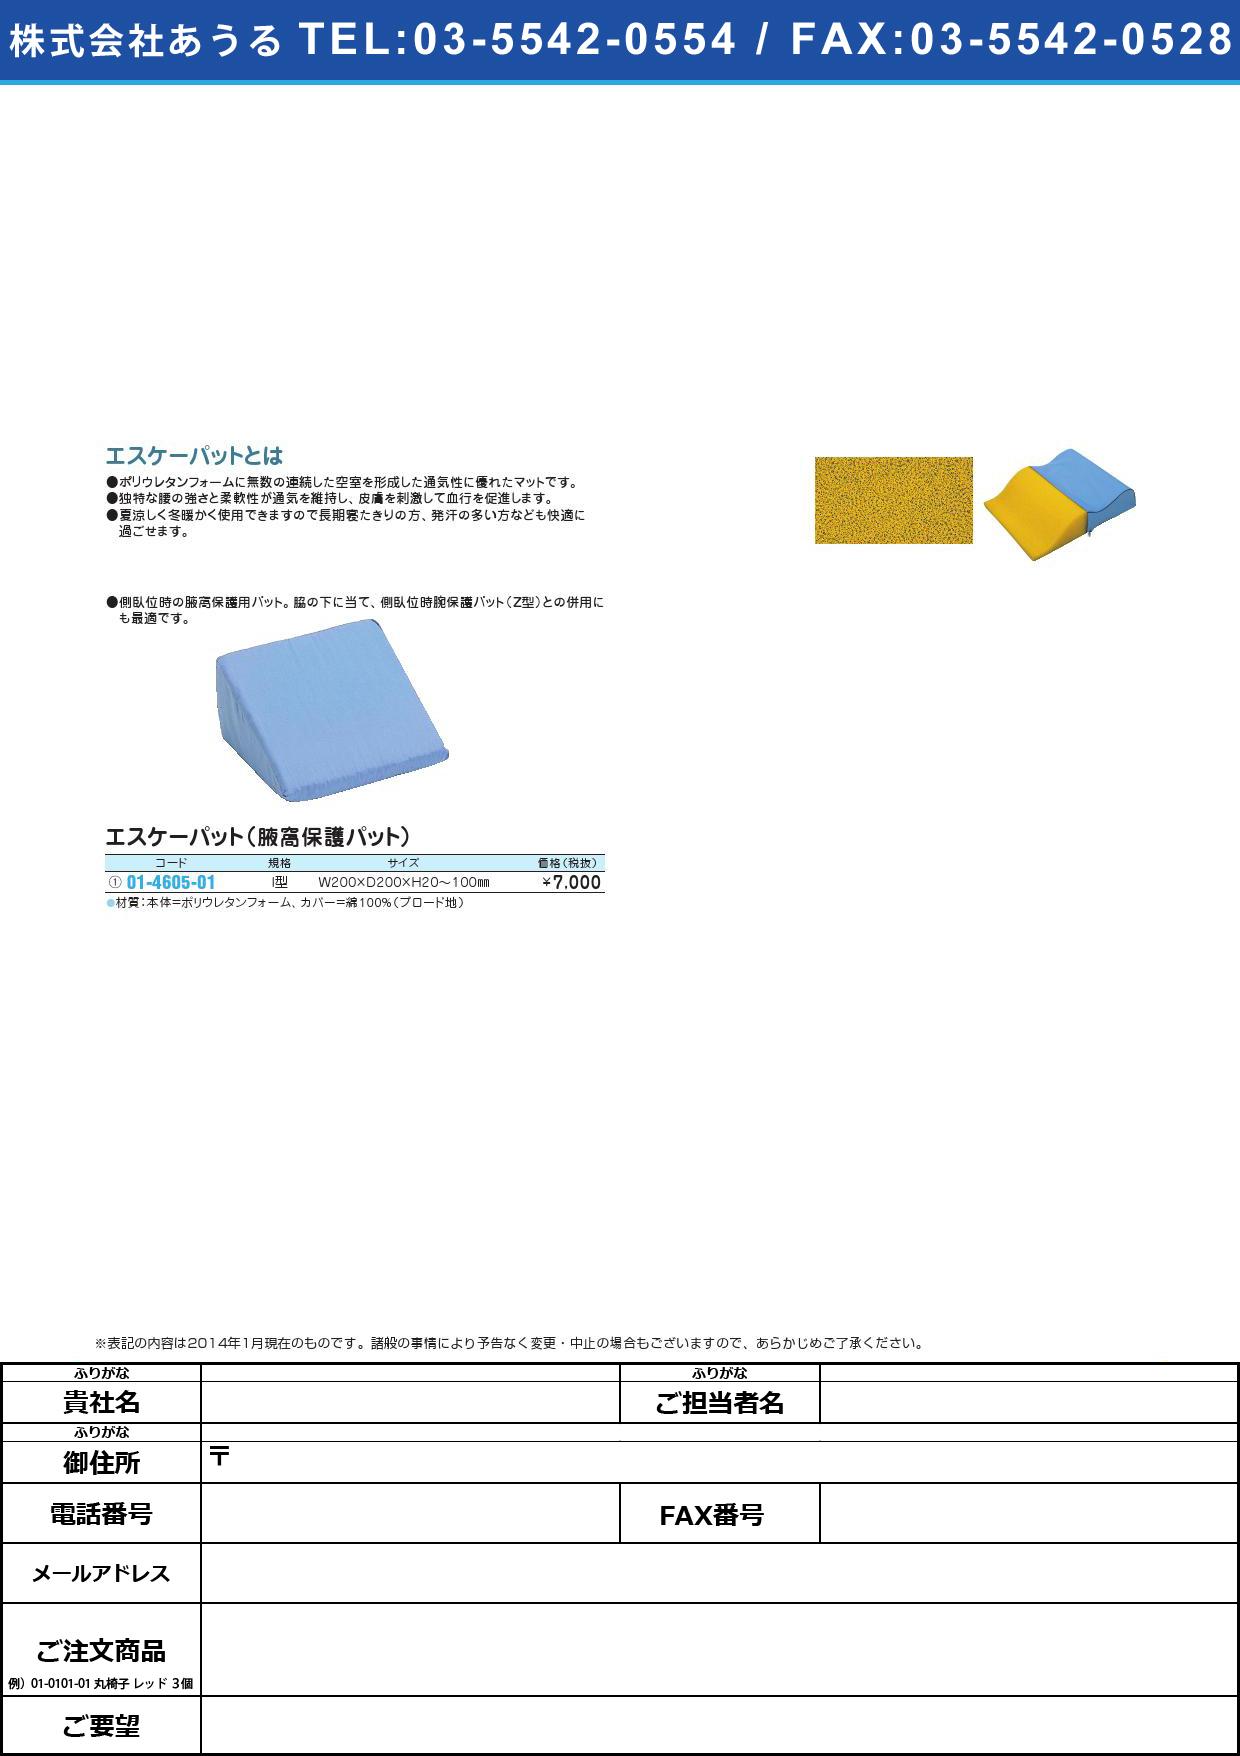 エスケーパット(腋窩保護パット) エスケーパツト Iガタ【1個単位】(01-4605-01)